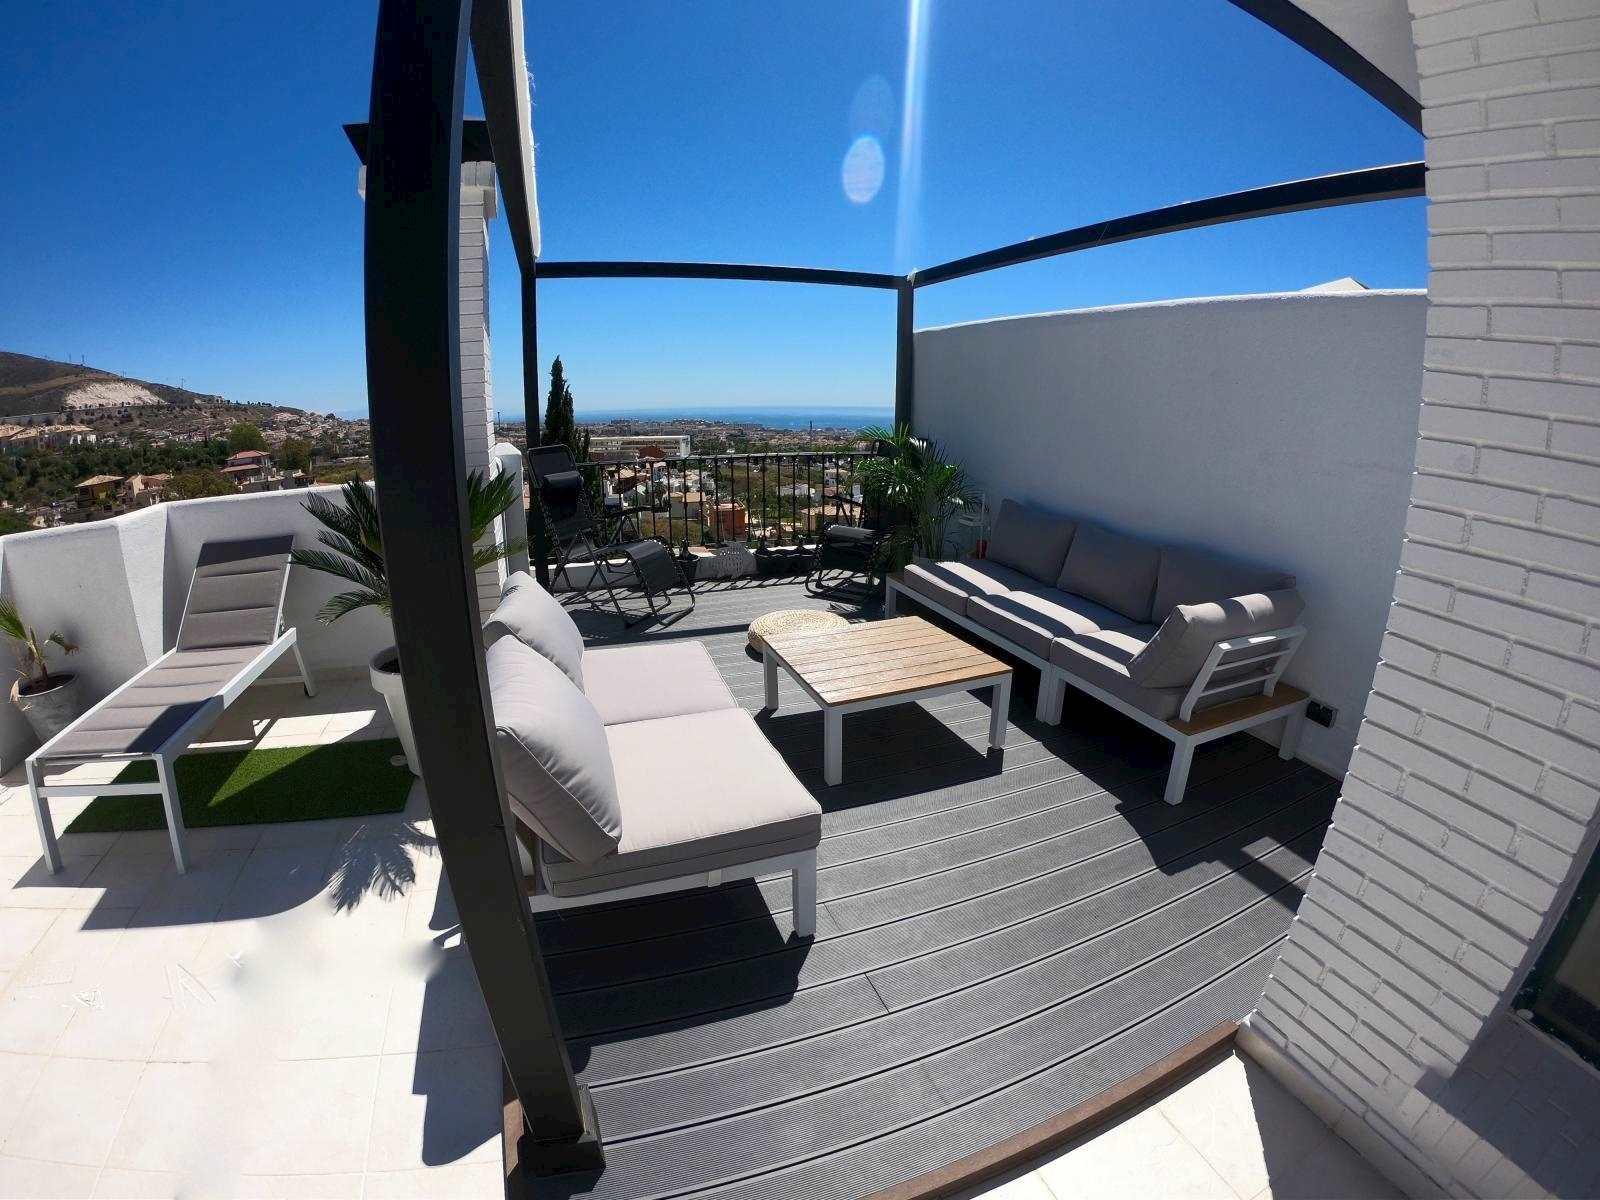 3 Zimmer Haus zu verkaufen in Benalmádena mit Pool - 449.000 € (Ref ...